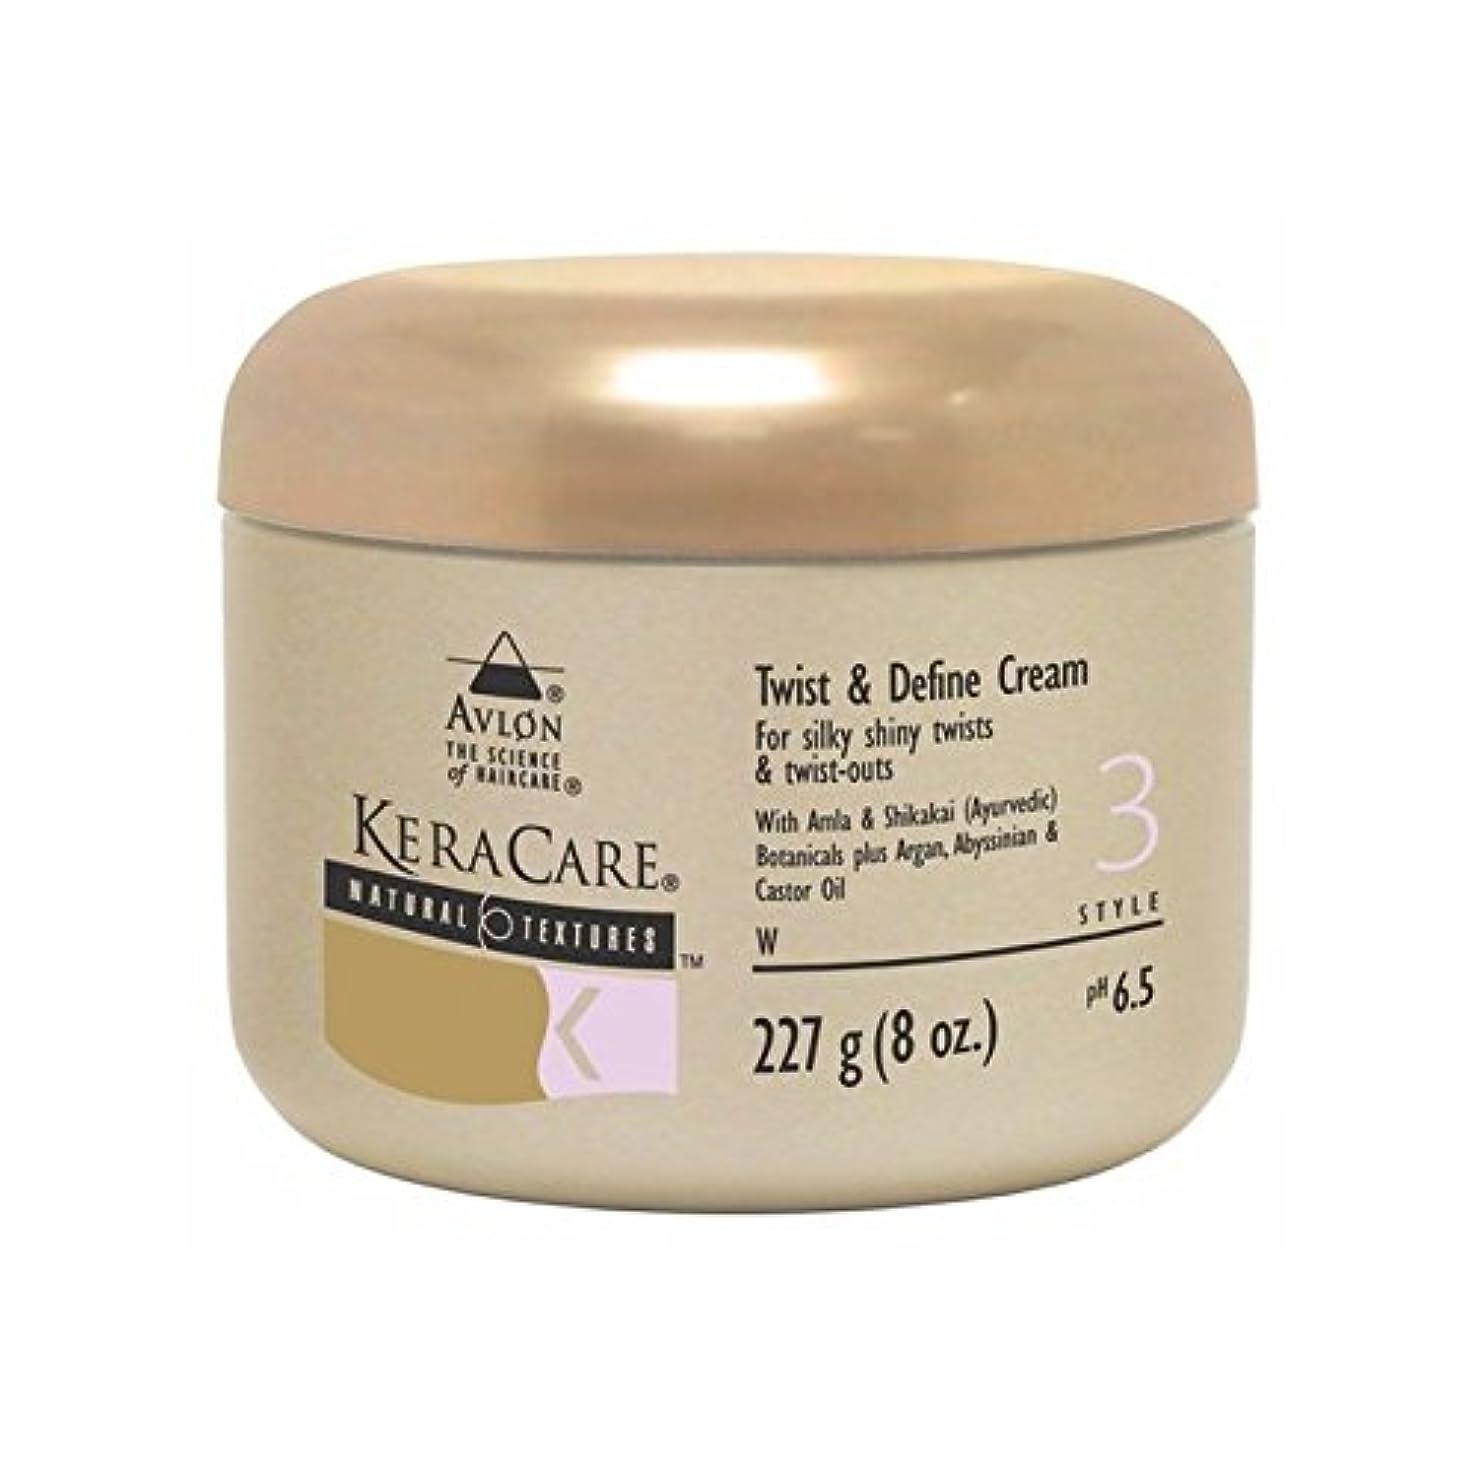 アサー職人トースト自然な質感のねじれを&クリーム(227グラム)を定義 x2 - Keracare Natural Textures Twist & Define Cream (227G) (Pack of 2) [並行輸入品]